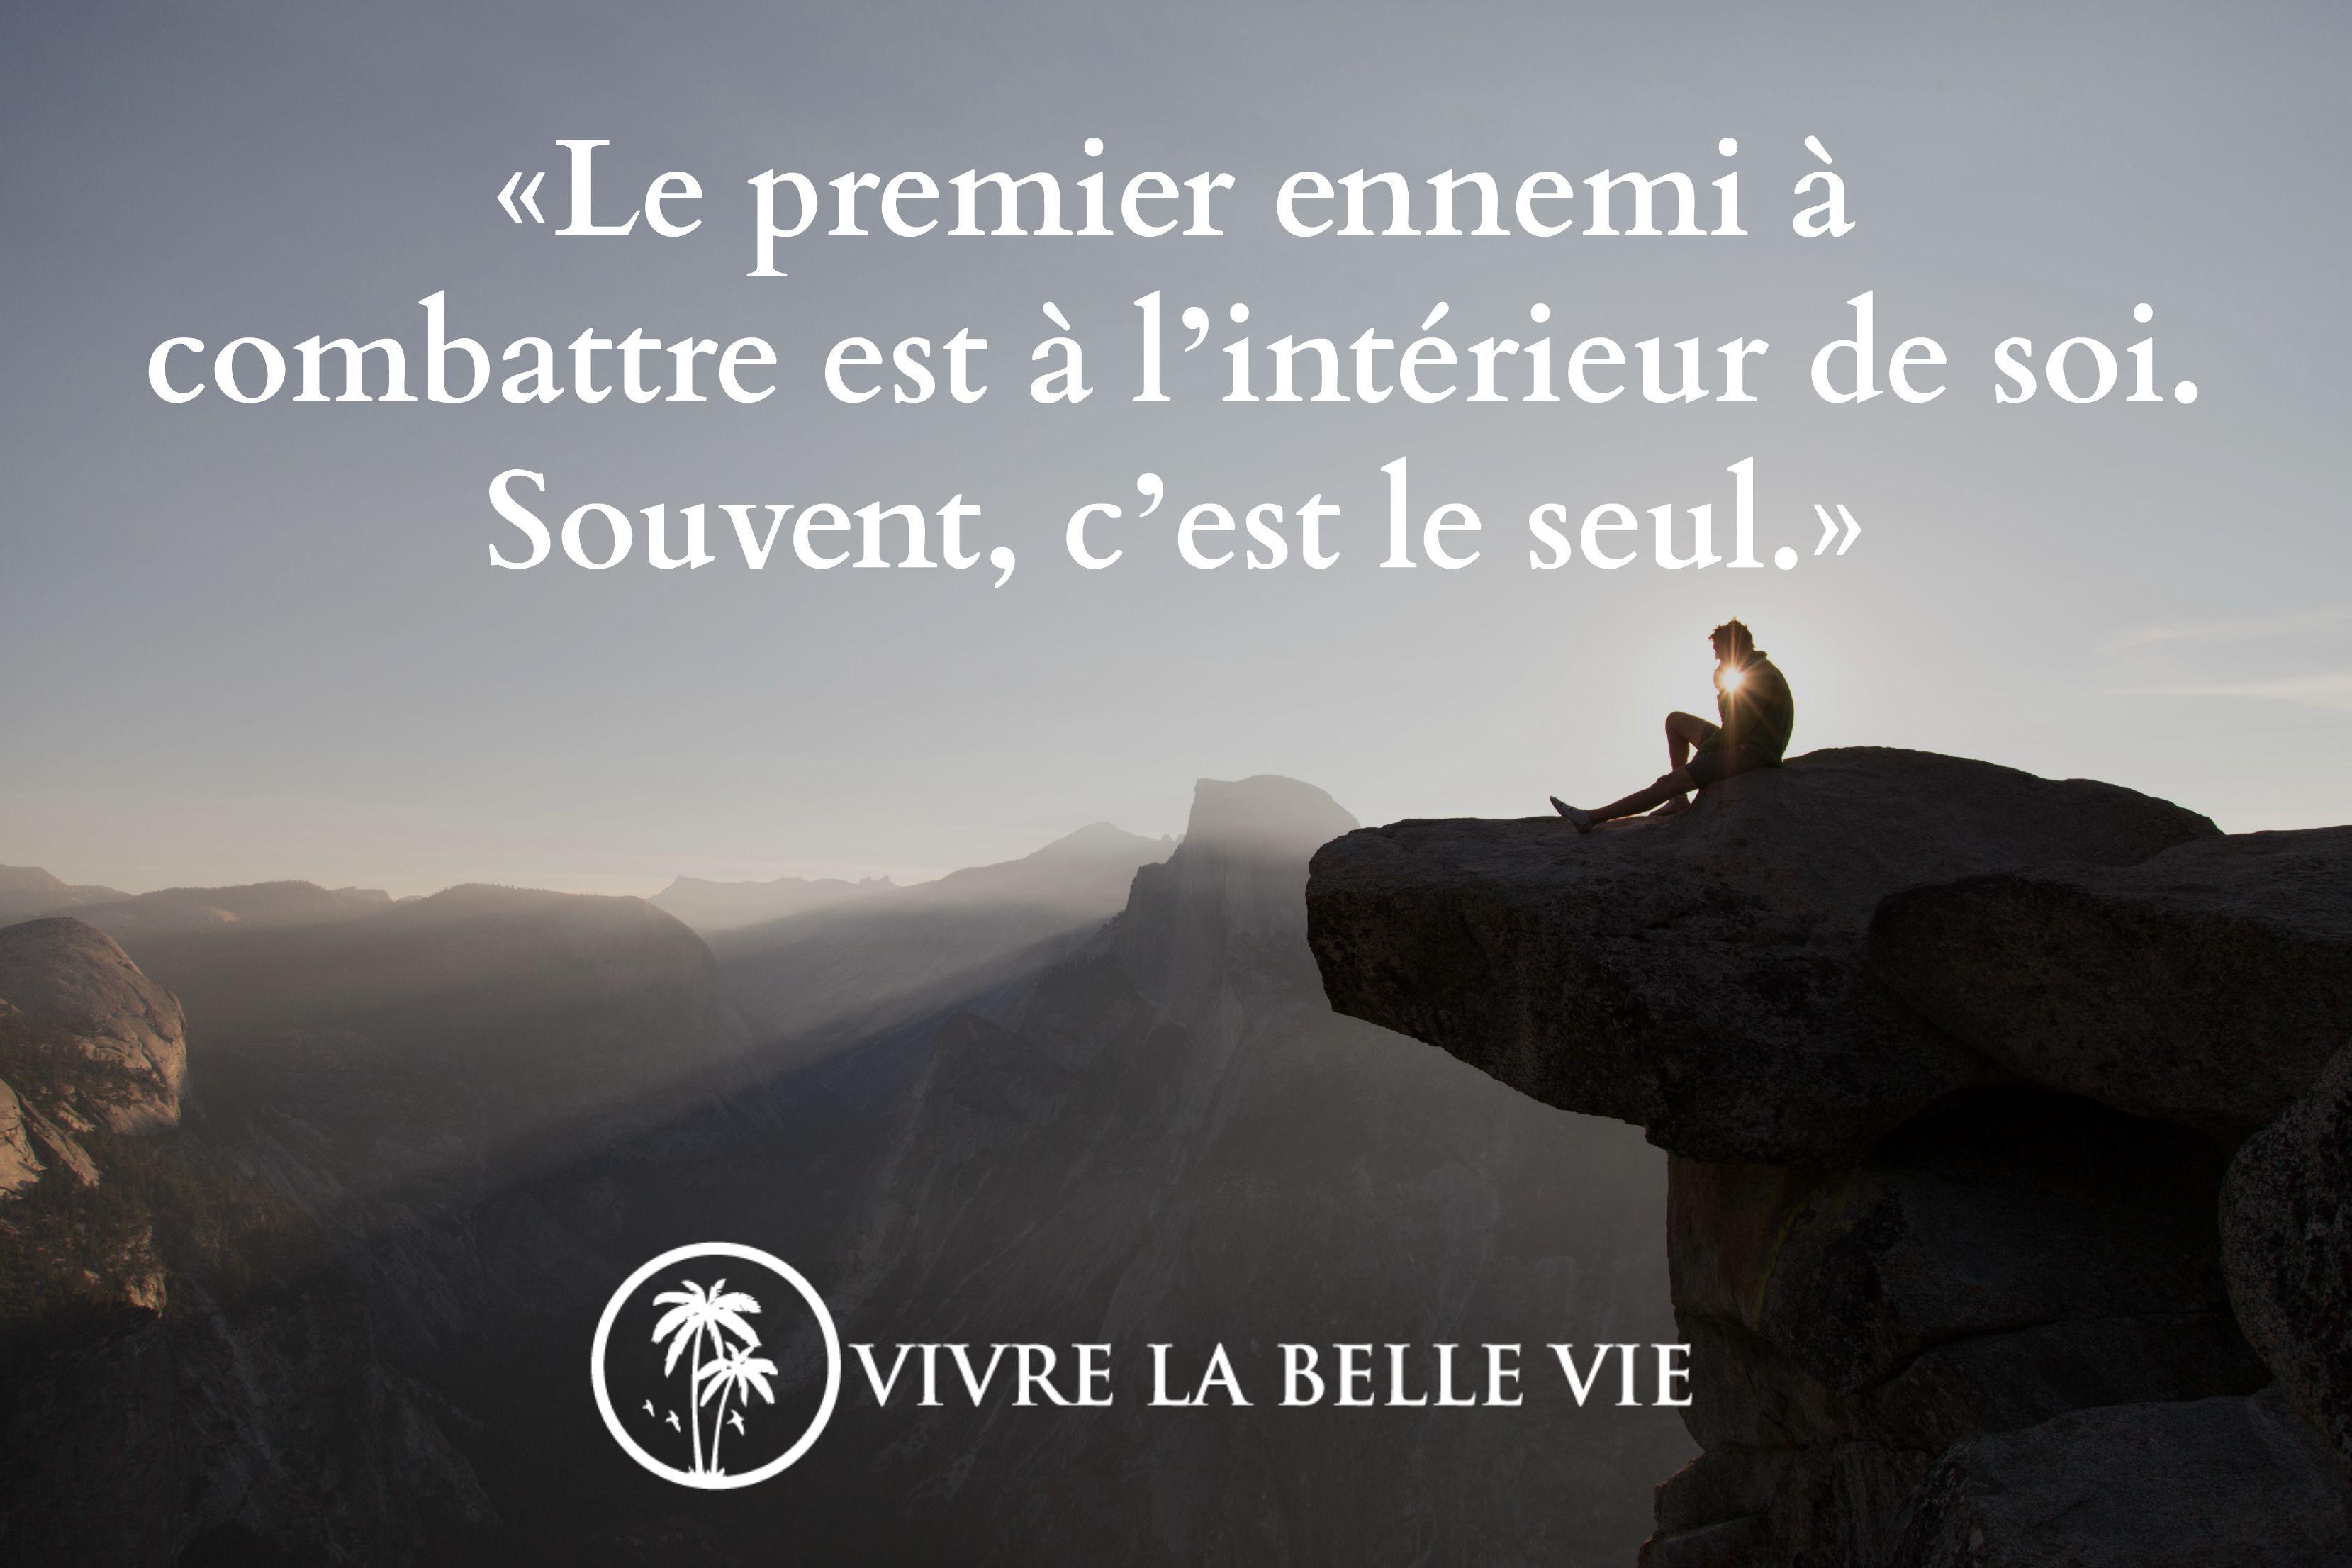 Votre dose d'inspiration quotidienne :) vivrelabellevie.leadpages.co/e-book?utm_content=buffered821&utm_medium=social&utm_source=pinterest.com&utm_campaign=buffer